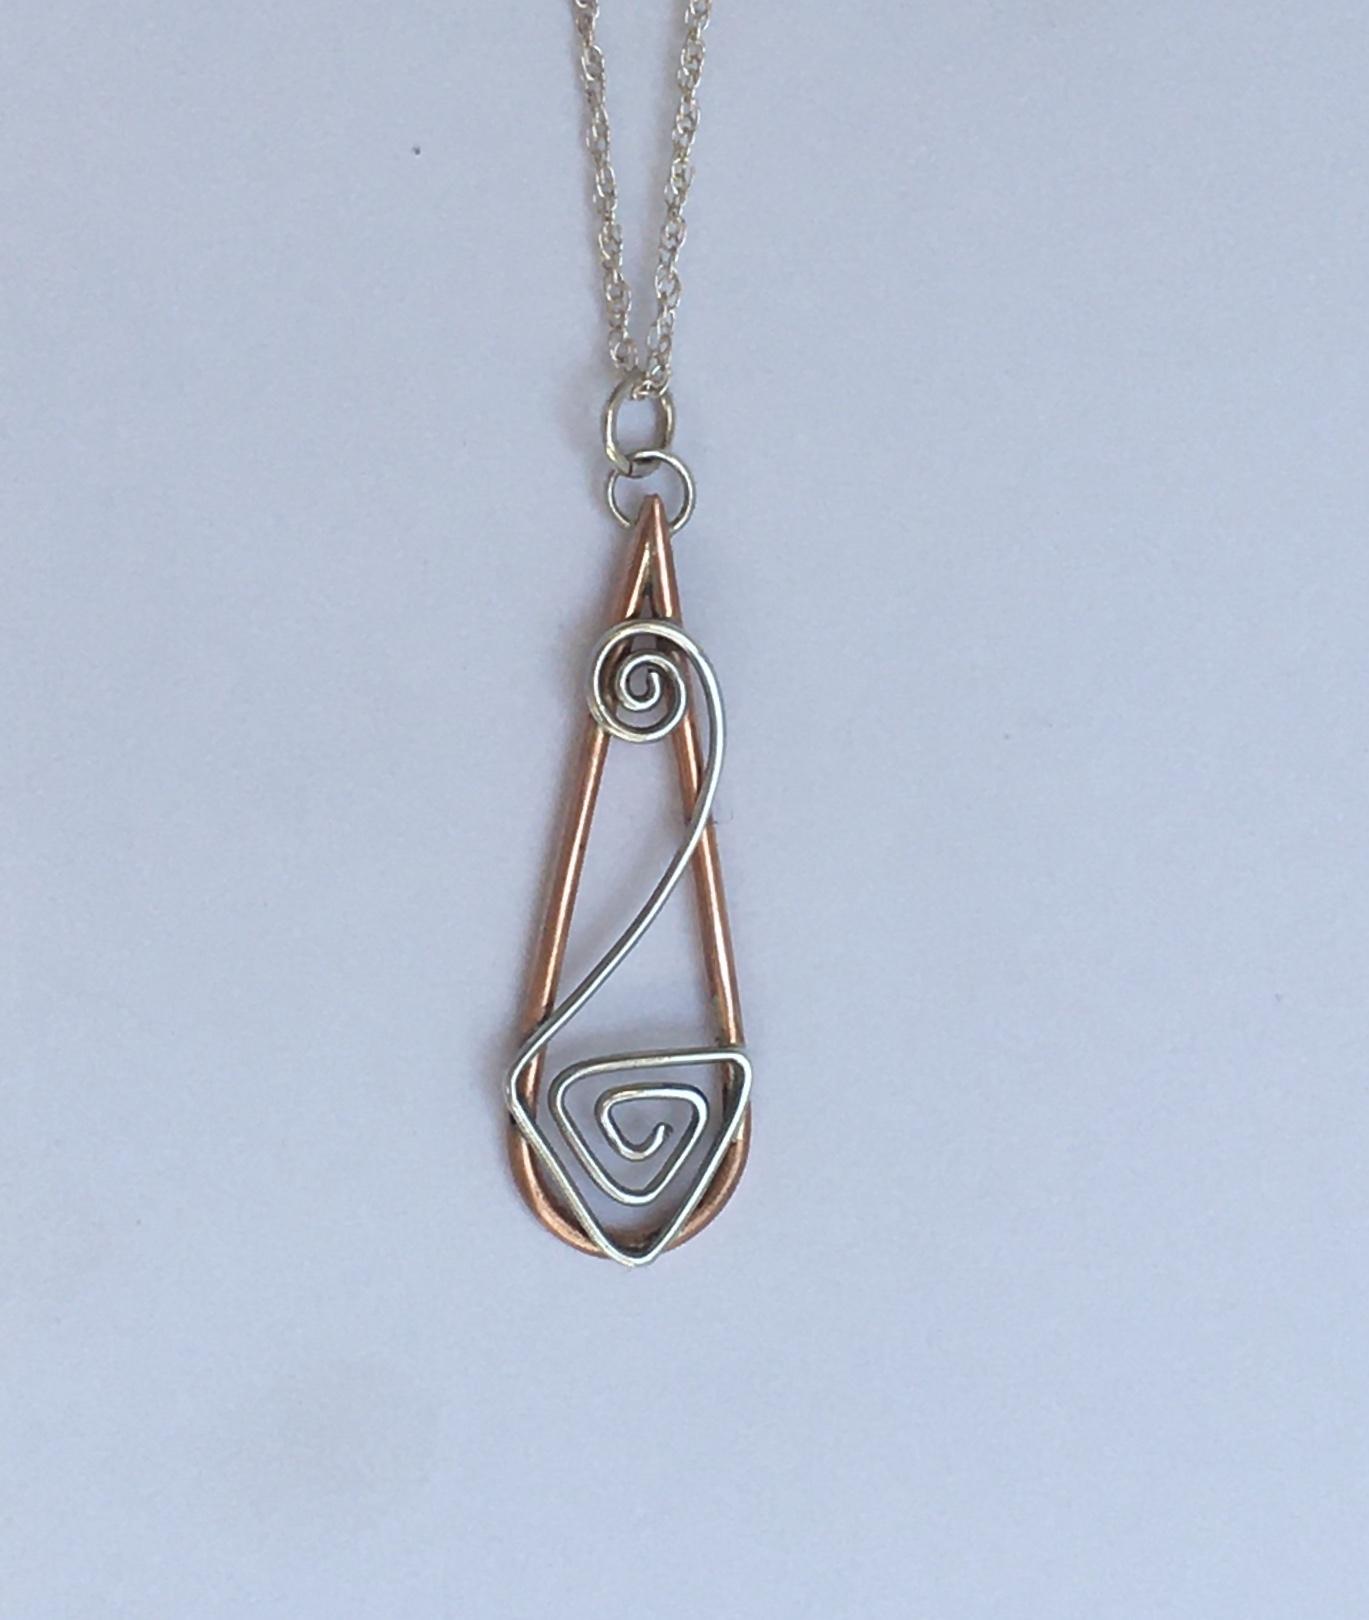 Silver and copper wire pendant